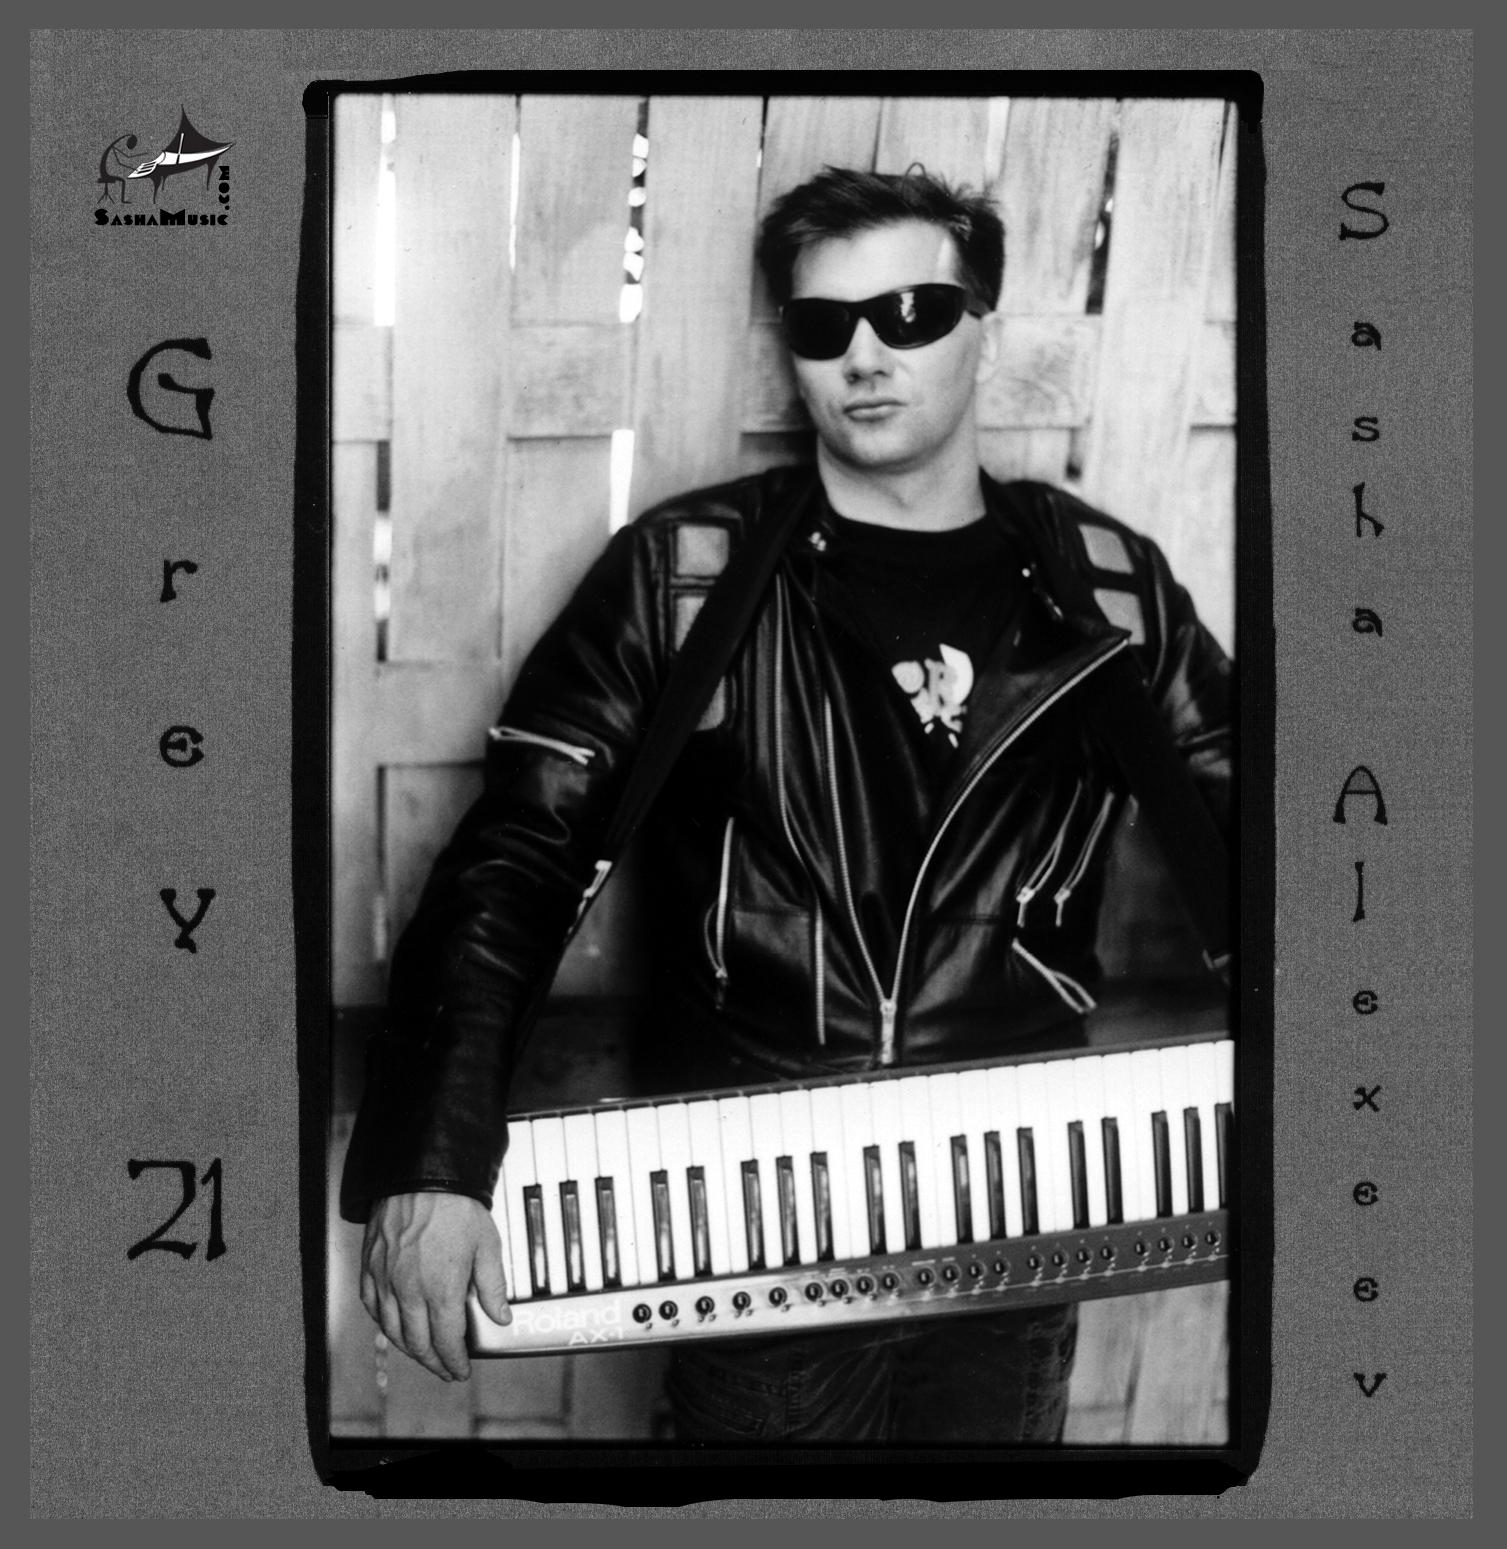 Grey-21-Gallery